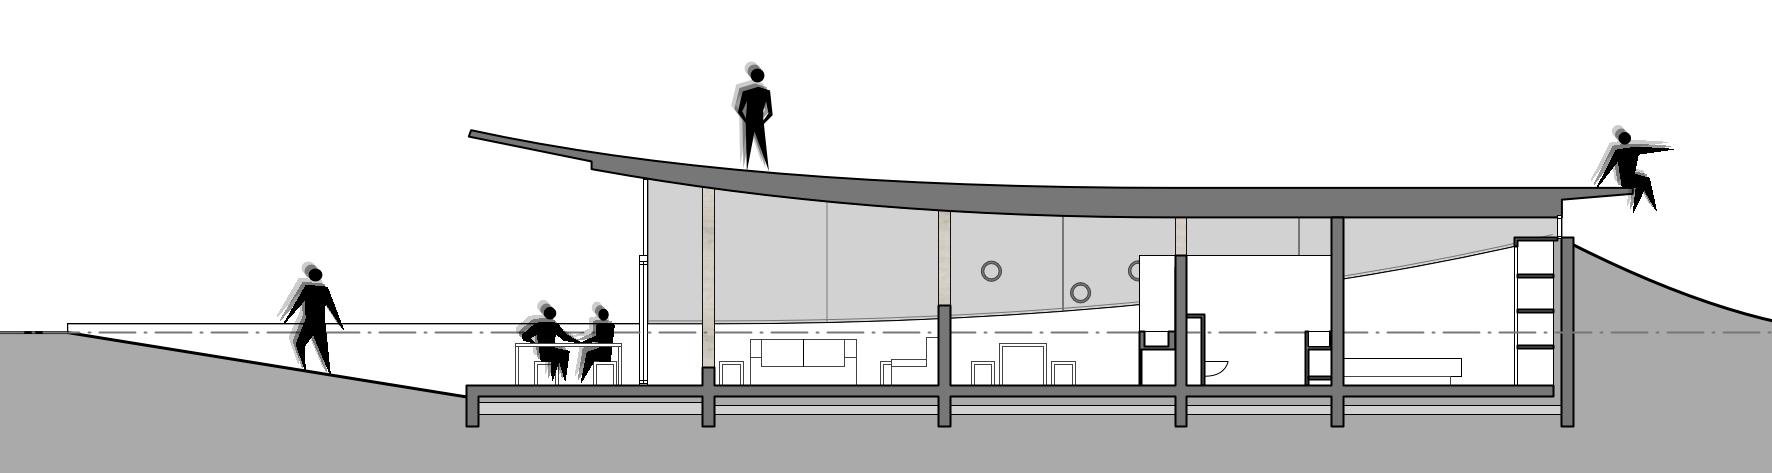 christophe-benichou-architectures-brise-sable-07